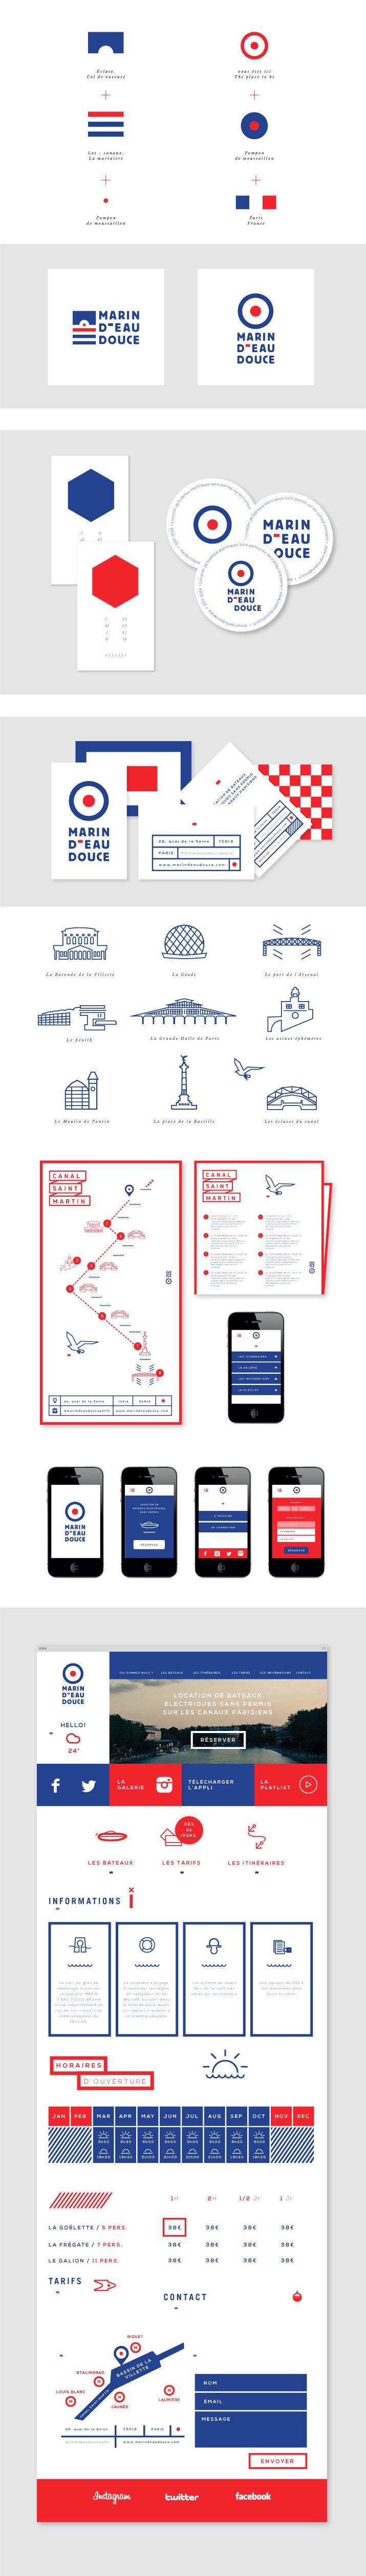 Projet d'identité graphique de la startup Marin d'eau douce - #identity #graphic #design